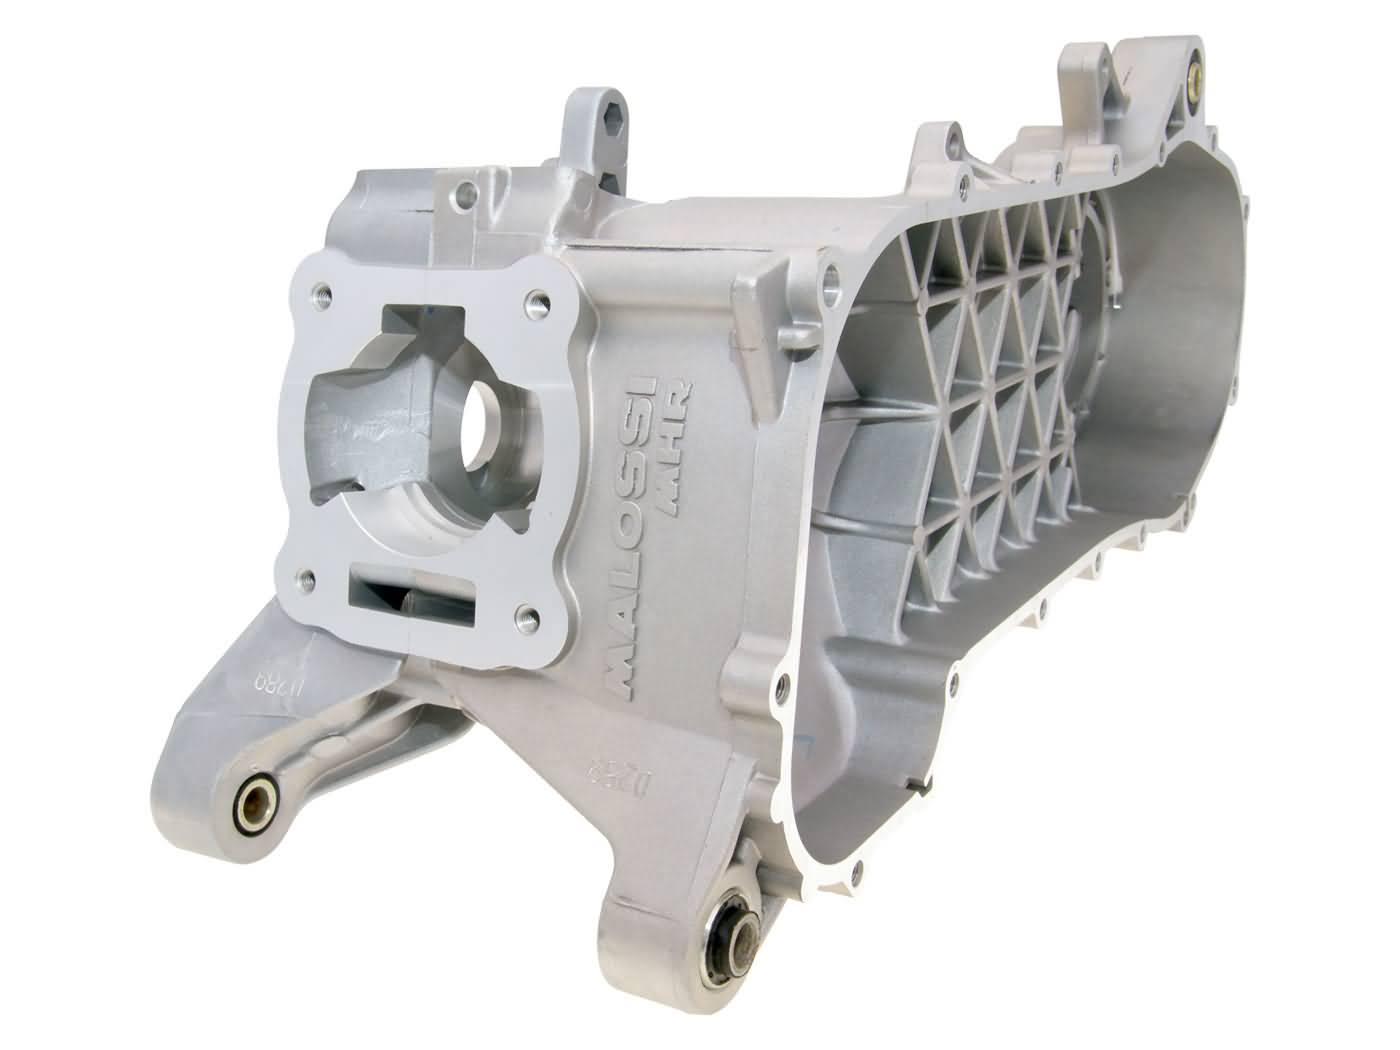 Crankcase Malossi Rc One 94cc For Piaggio 50 Lc Long Version Racing Exhaust Vespa Lx S Lxv Primavera 946 Sprint 150ie 3v